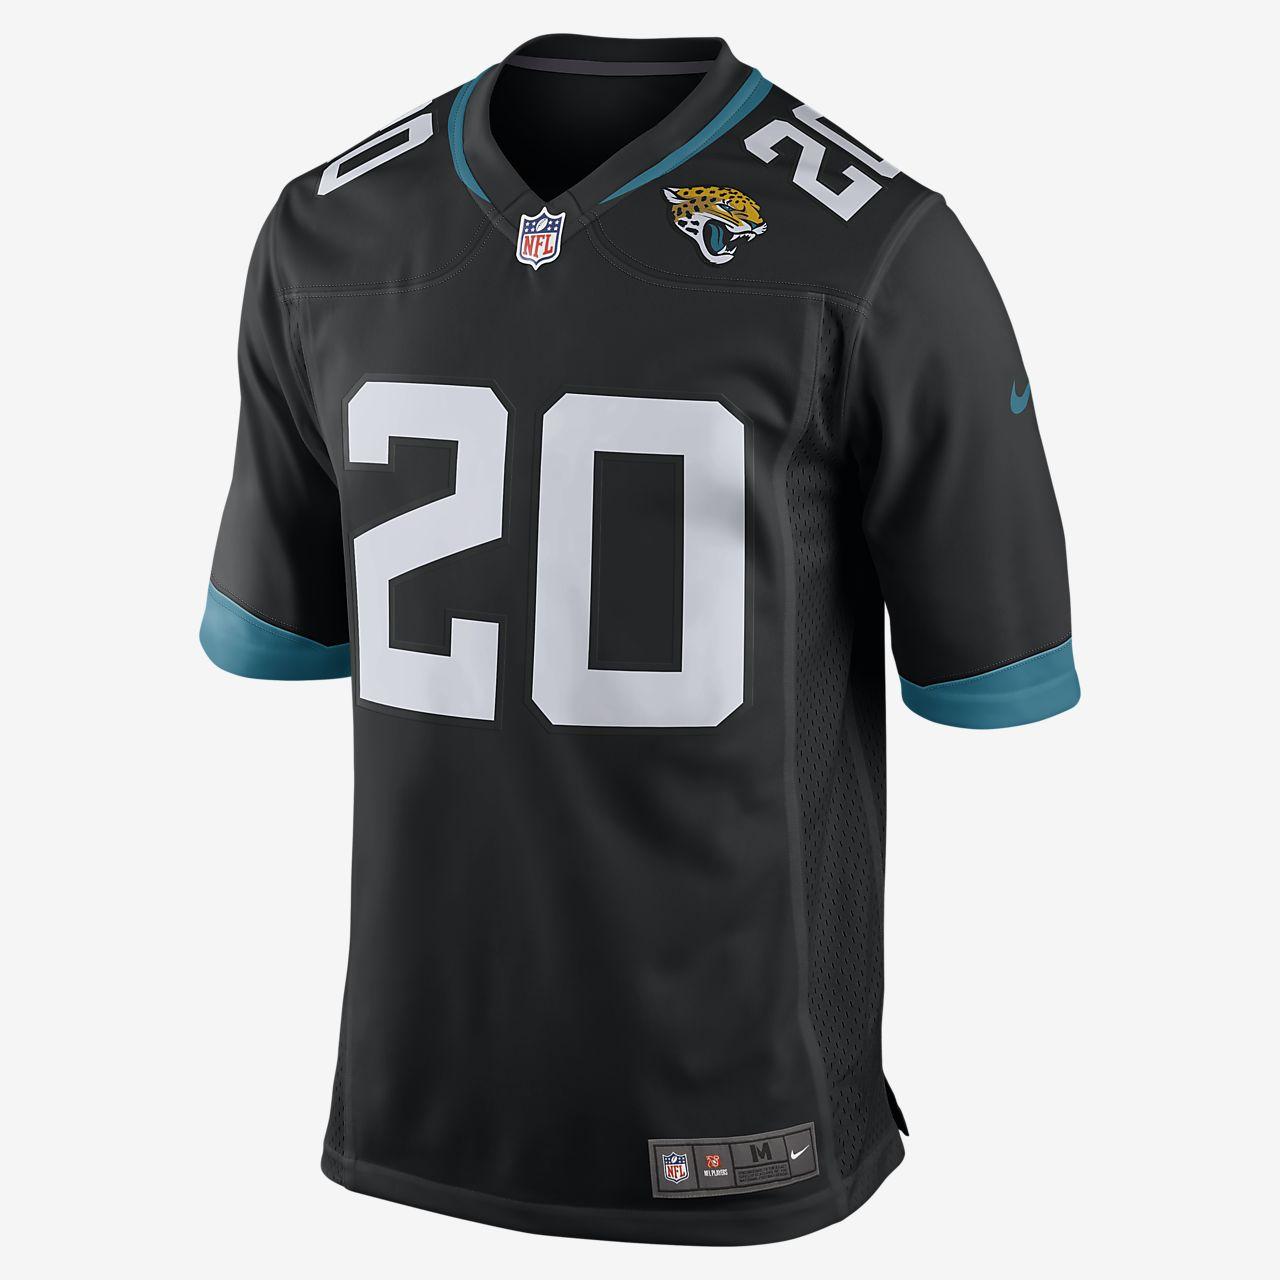 Fotbollströja NFL Jacksonville Jaguars Game (Jalen Ramsey) för män